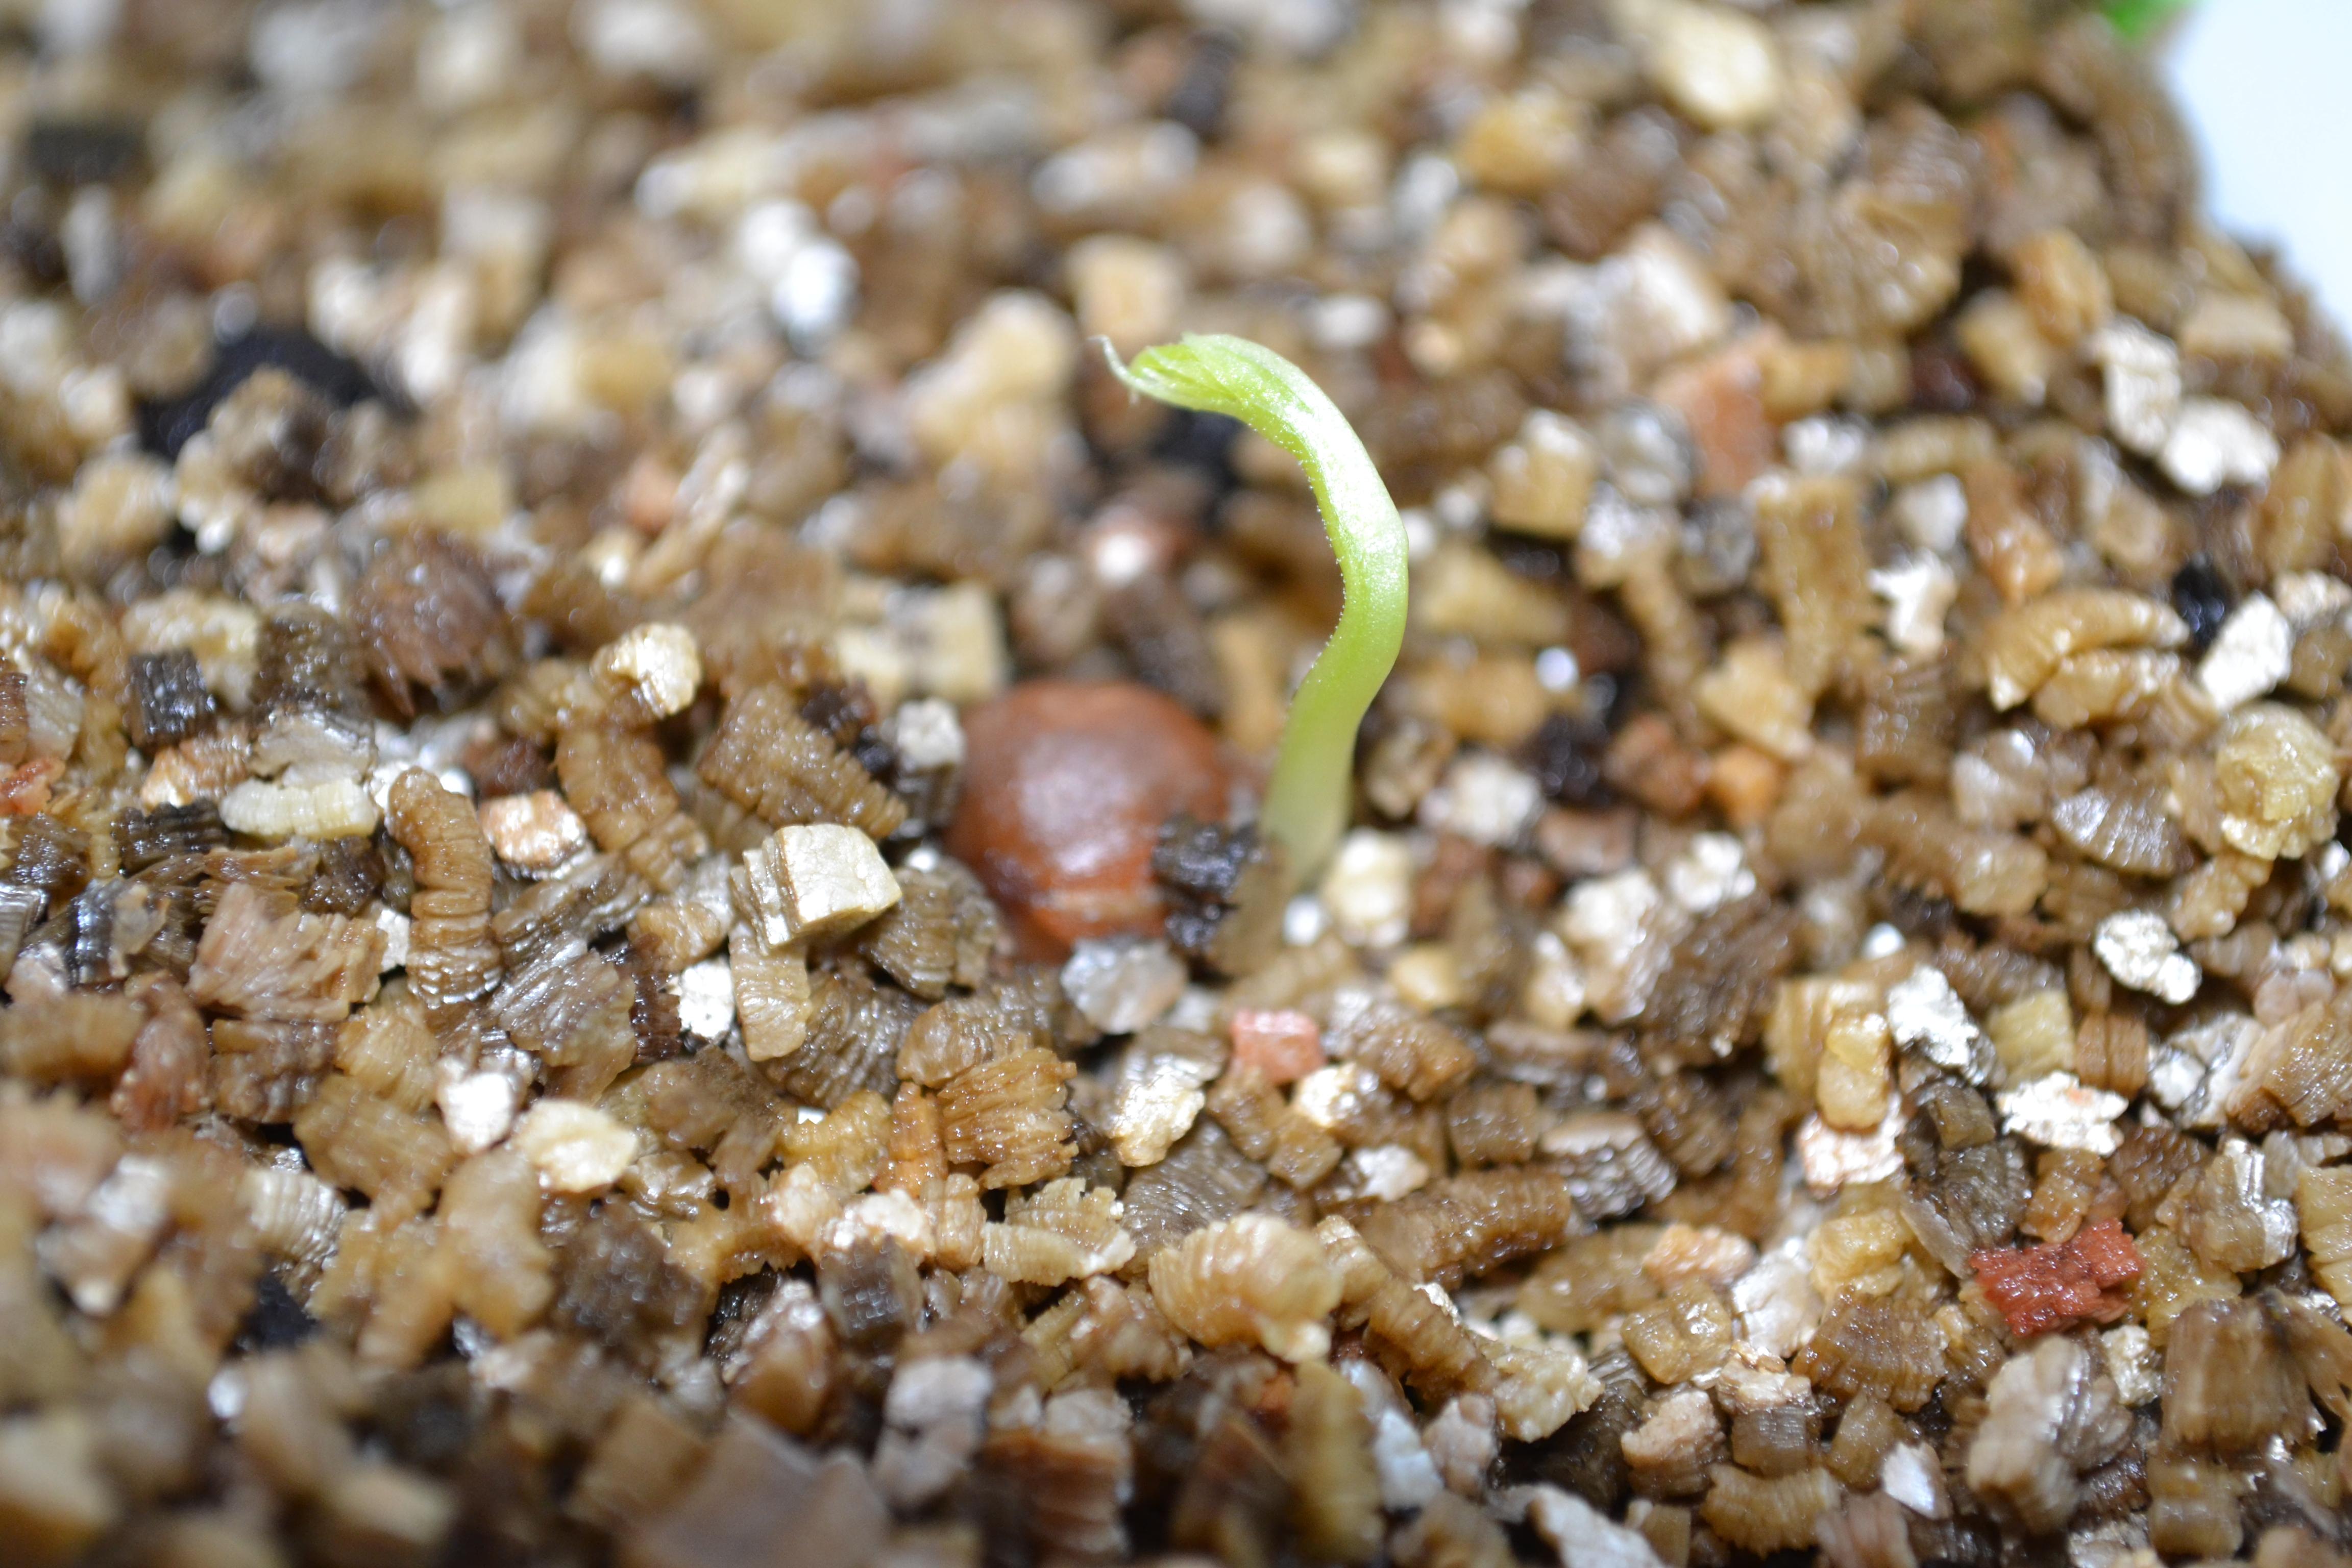 Sweet pea seedling © Florilegia